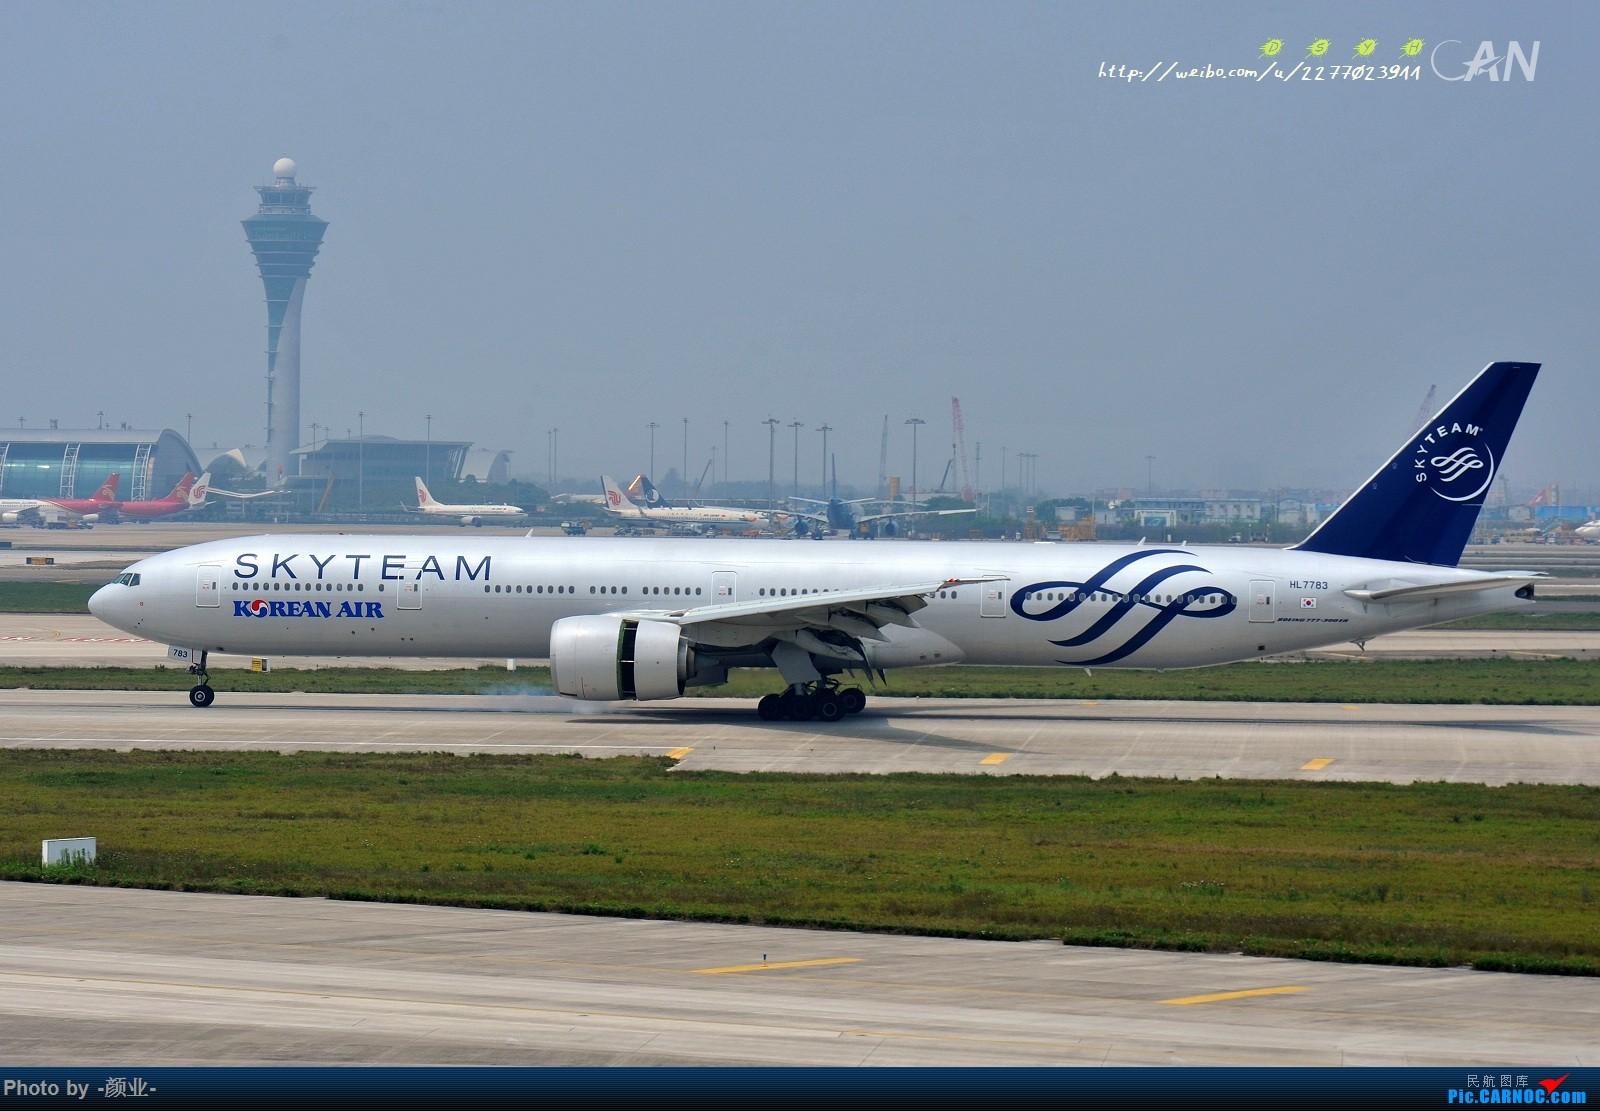 Re:[原创]2011-2016我的打灰机心情[广州] BOEING 757-300 HL-7783 中国广州白云国际机场